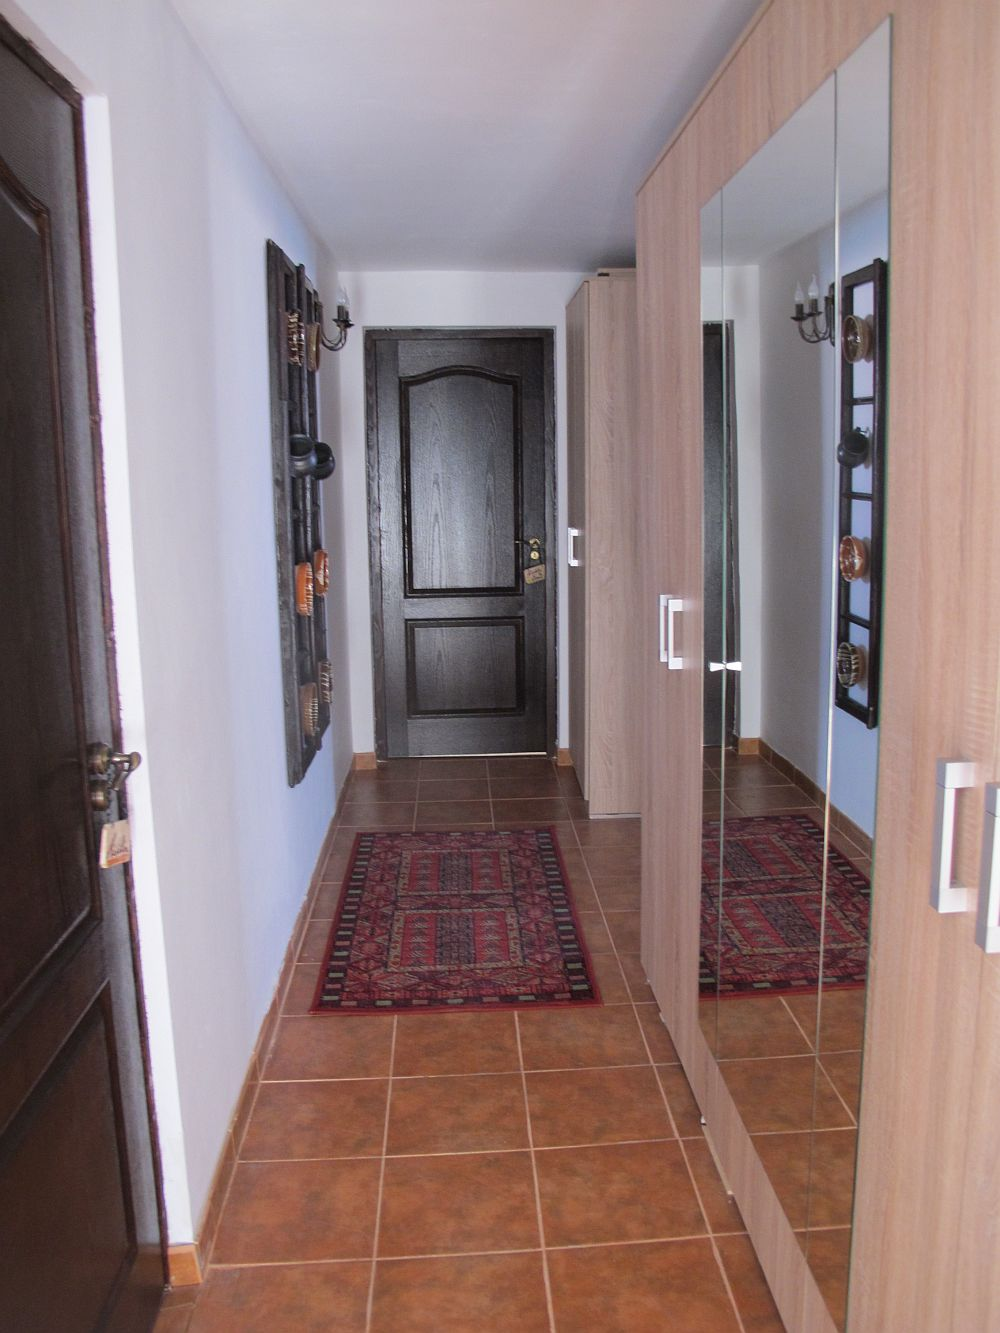 adelaparvu.com despre Casa familiei Ilie, Tufeni, Olt emisiunea Visuri la cheie, ProTV, sezon 1, 2014 (47)